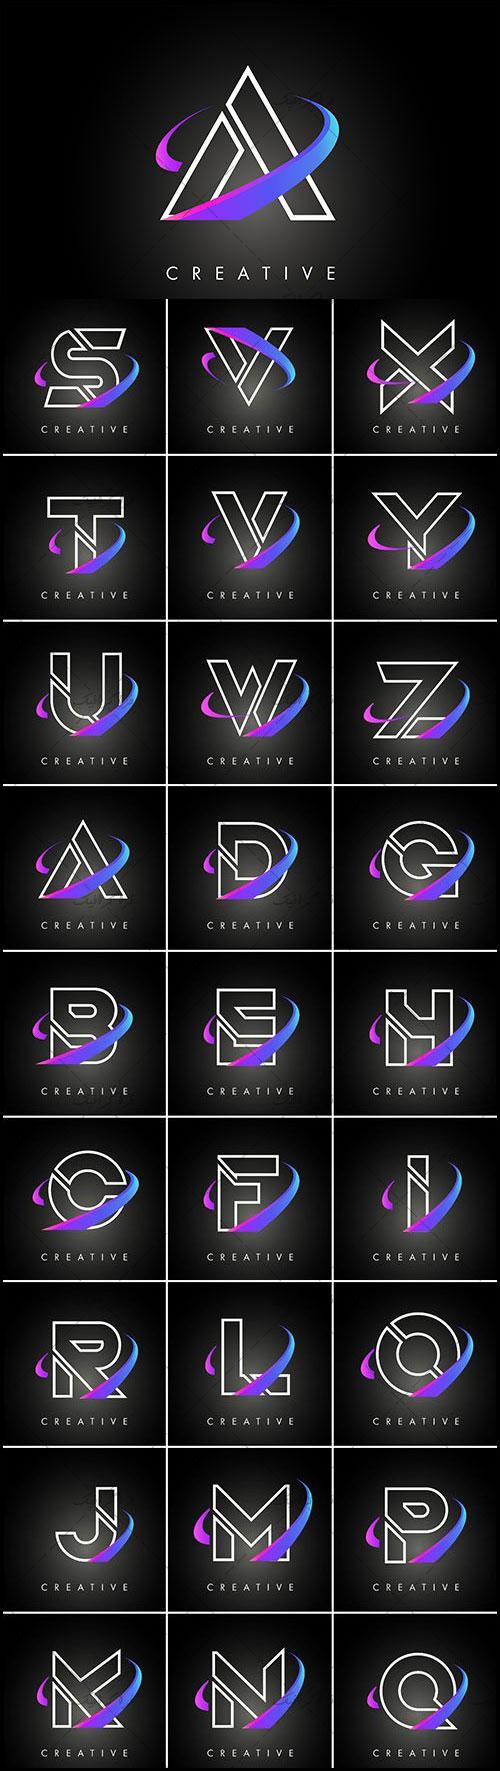 دانلود لوگو های حروف انگلیسی مدرن - رایگان